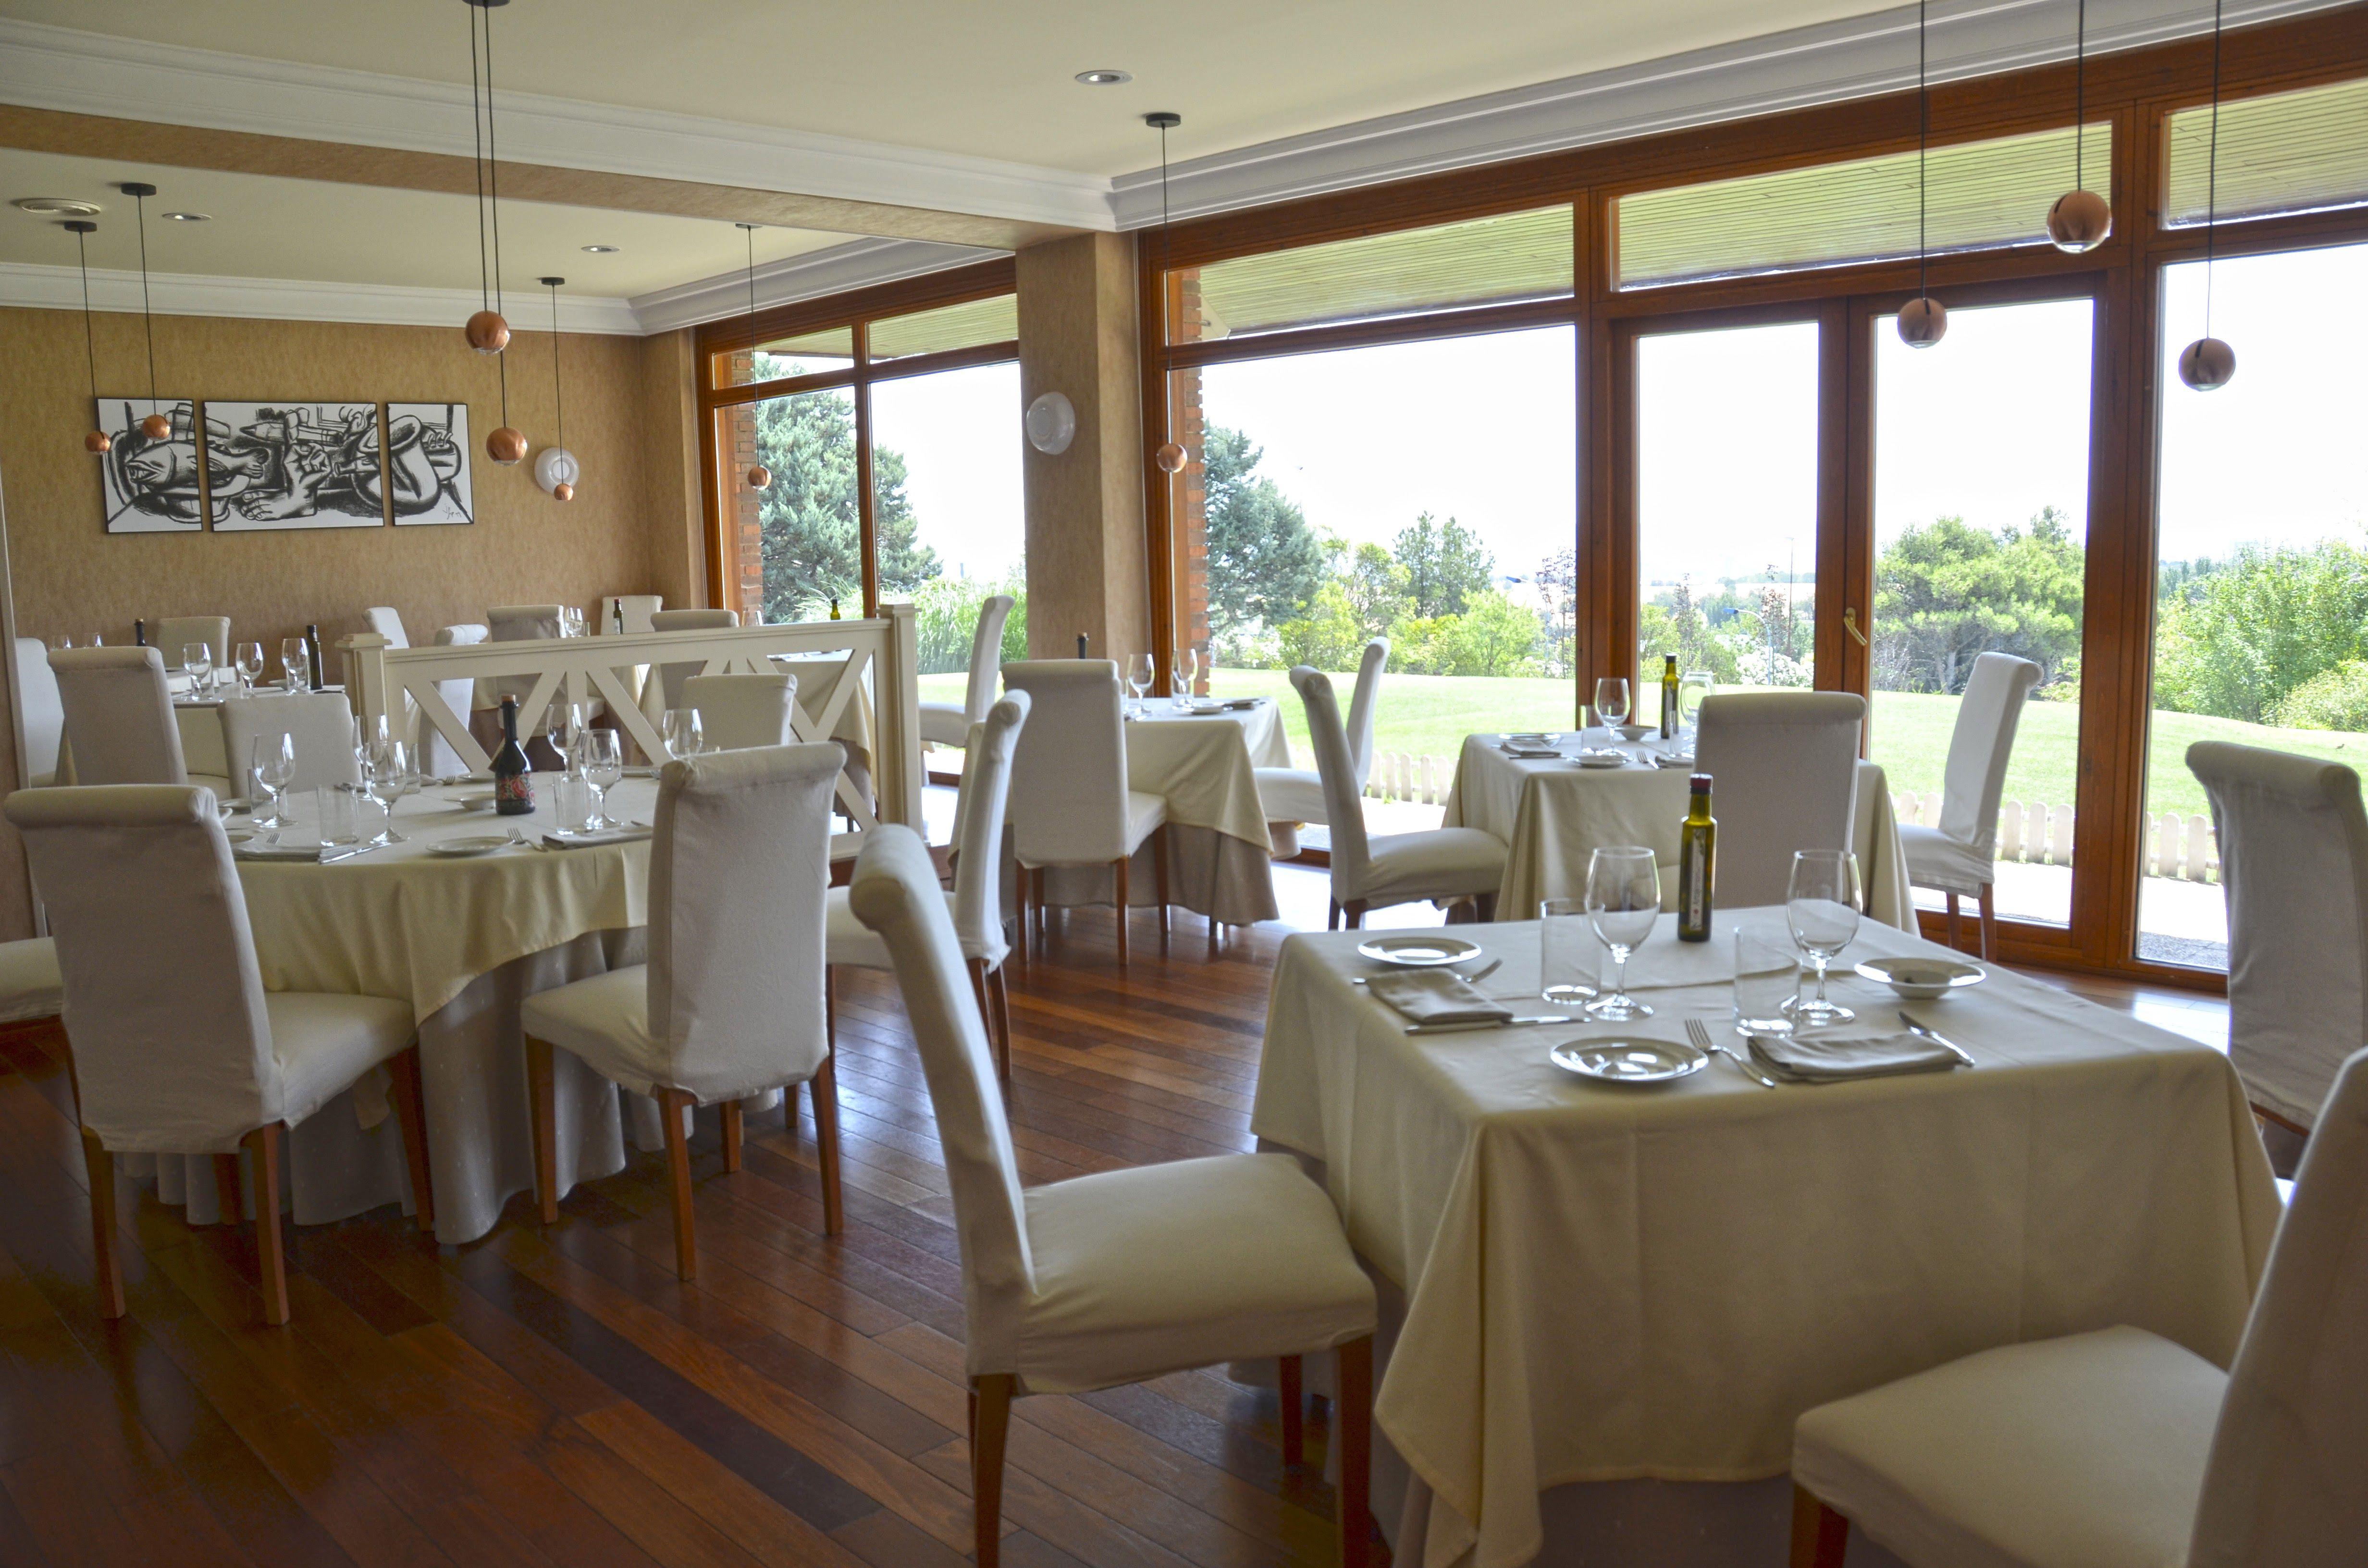 Foto 2 de Cocina creativa en Valladolid | Restaurante Dámaso